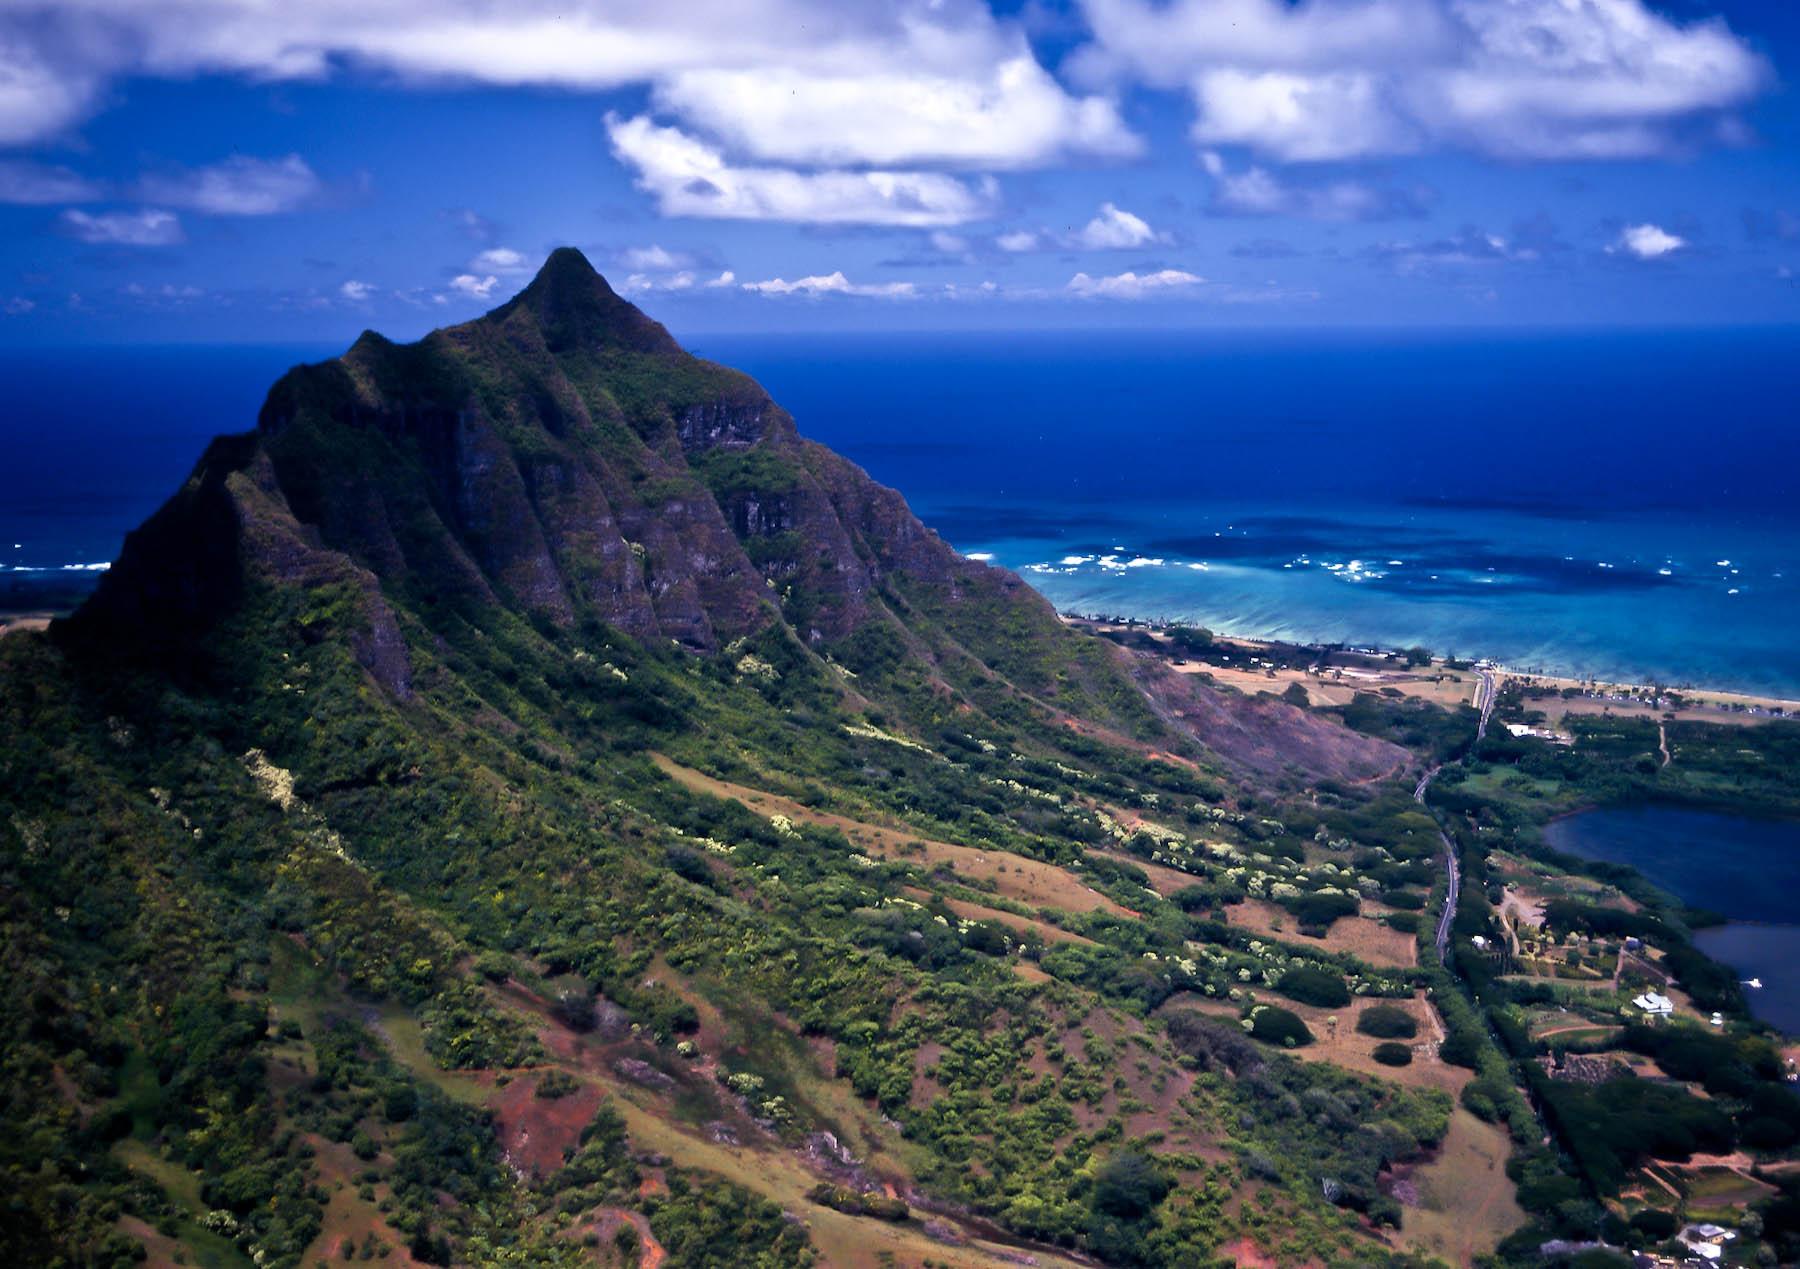 Hawaii, Oahu Island